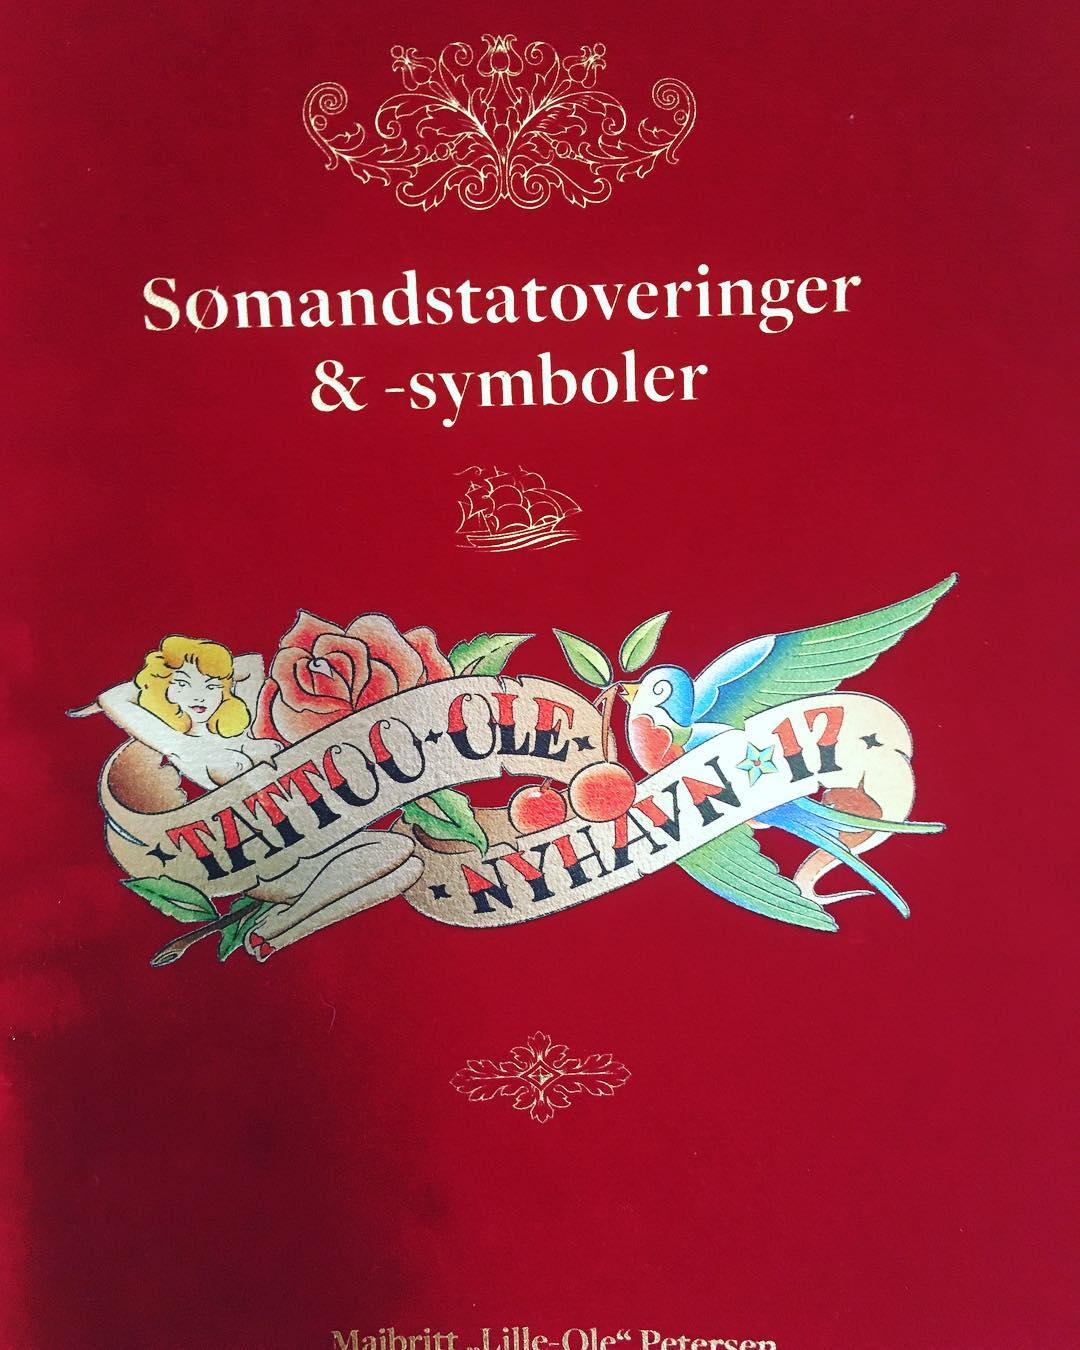 Bog: Sømandstatoveringer & -symboler DK